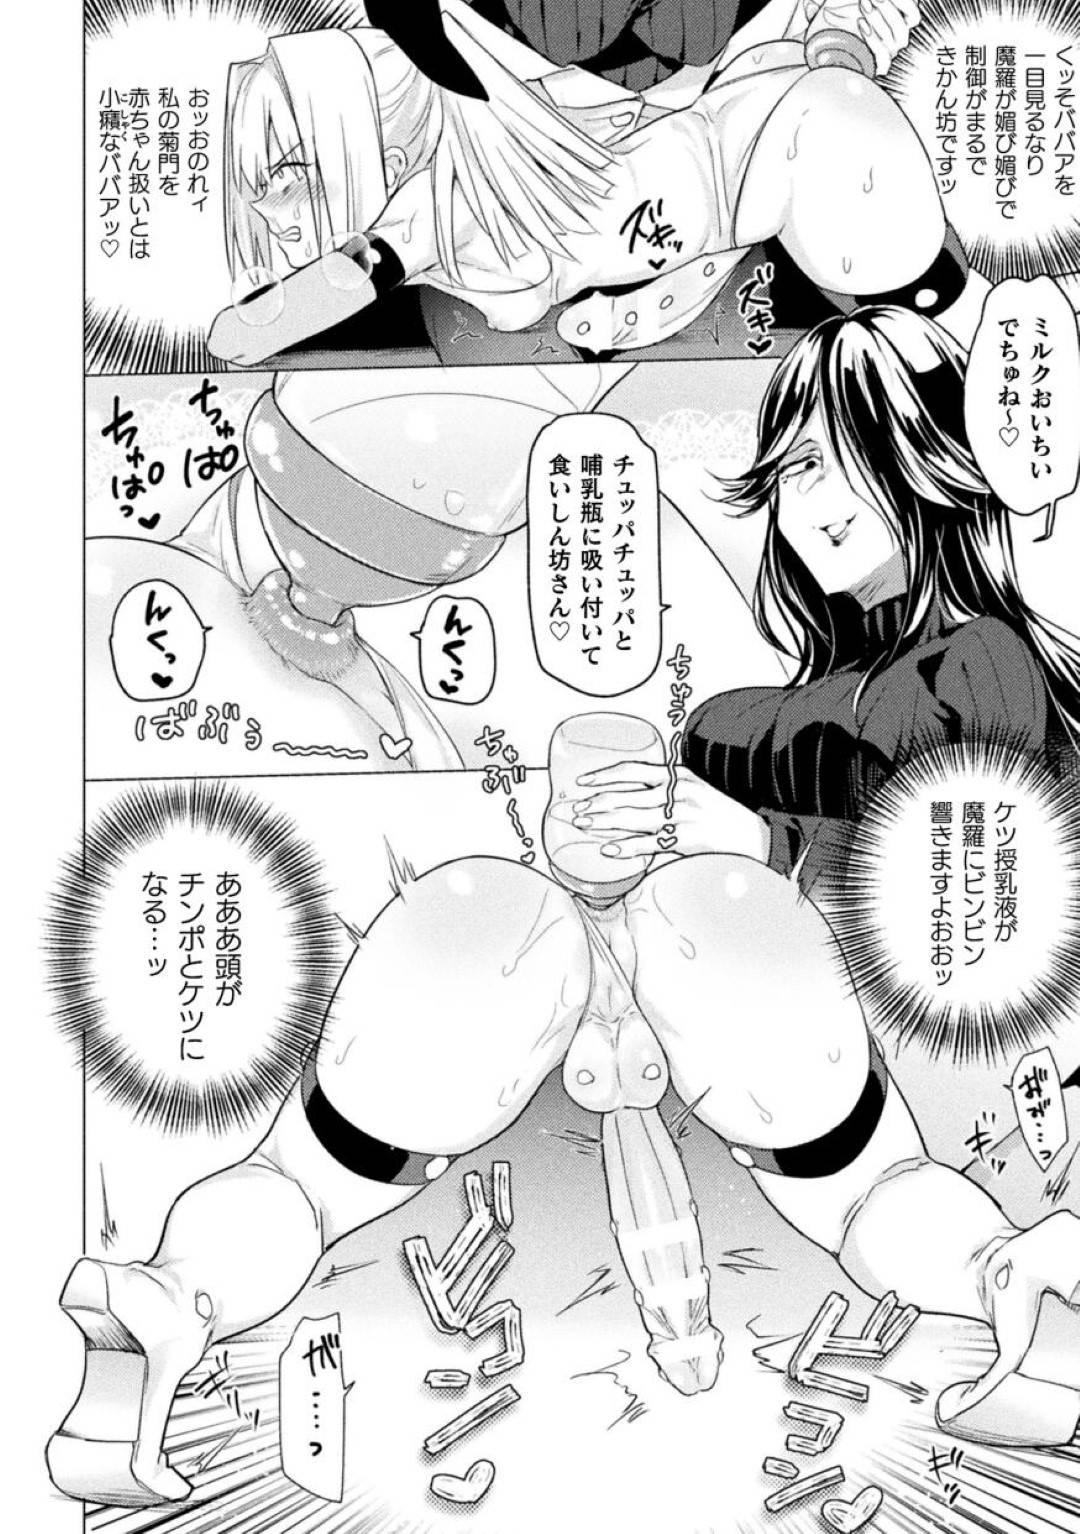 【エロ漫画】長時間勃起を維持できる身体を持つふたなり姫…女子の黄色い声援を受けていると新たな任務を受けデカケツババアの研究所へ向かう!【ときわゆたか:Rebitth】